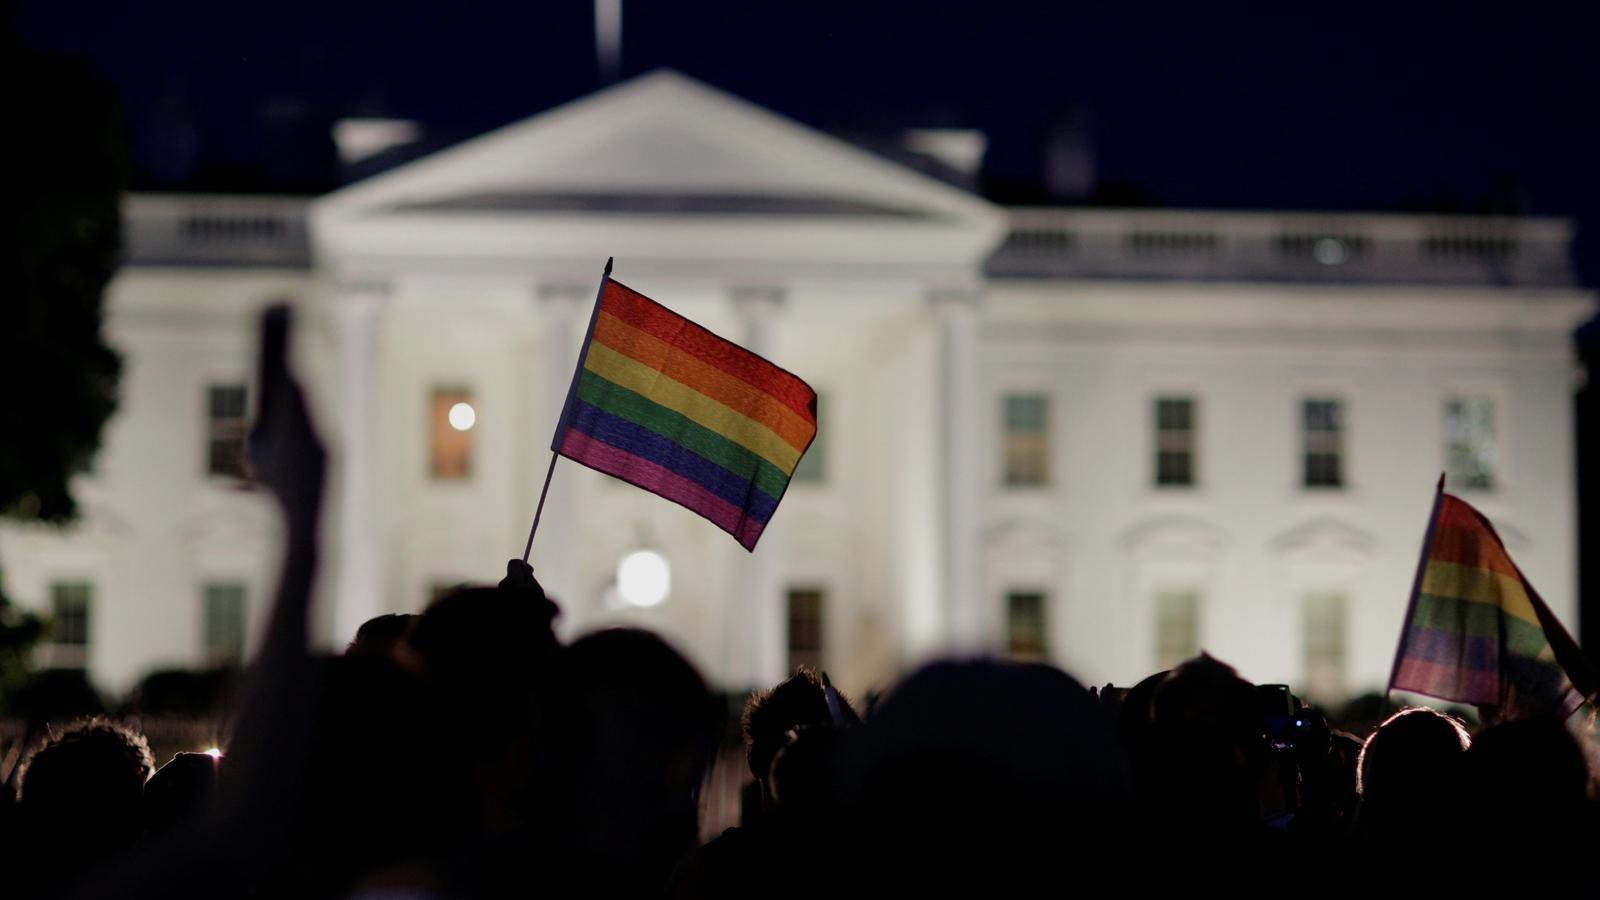 Davant de la Casa Blanca a Washington, Estats Units.